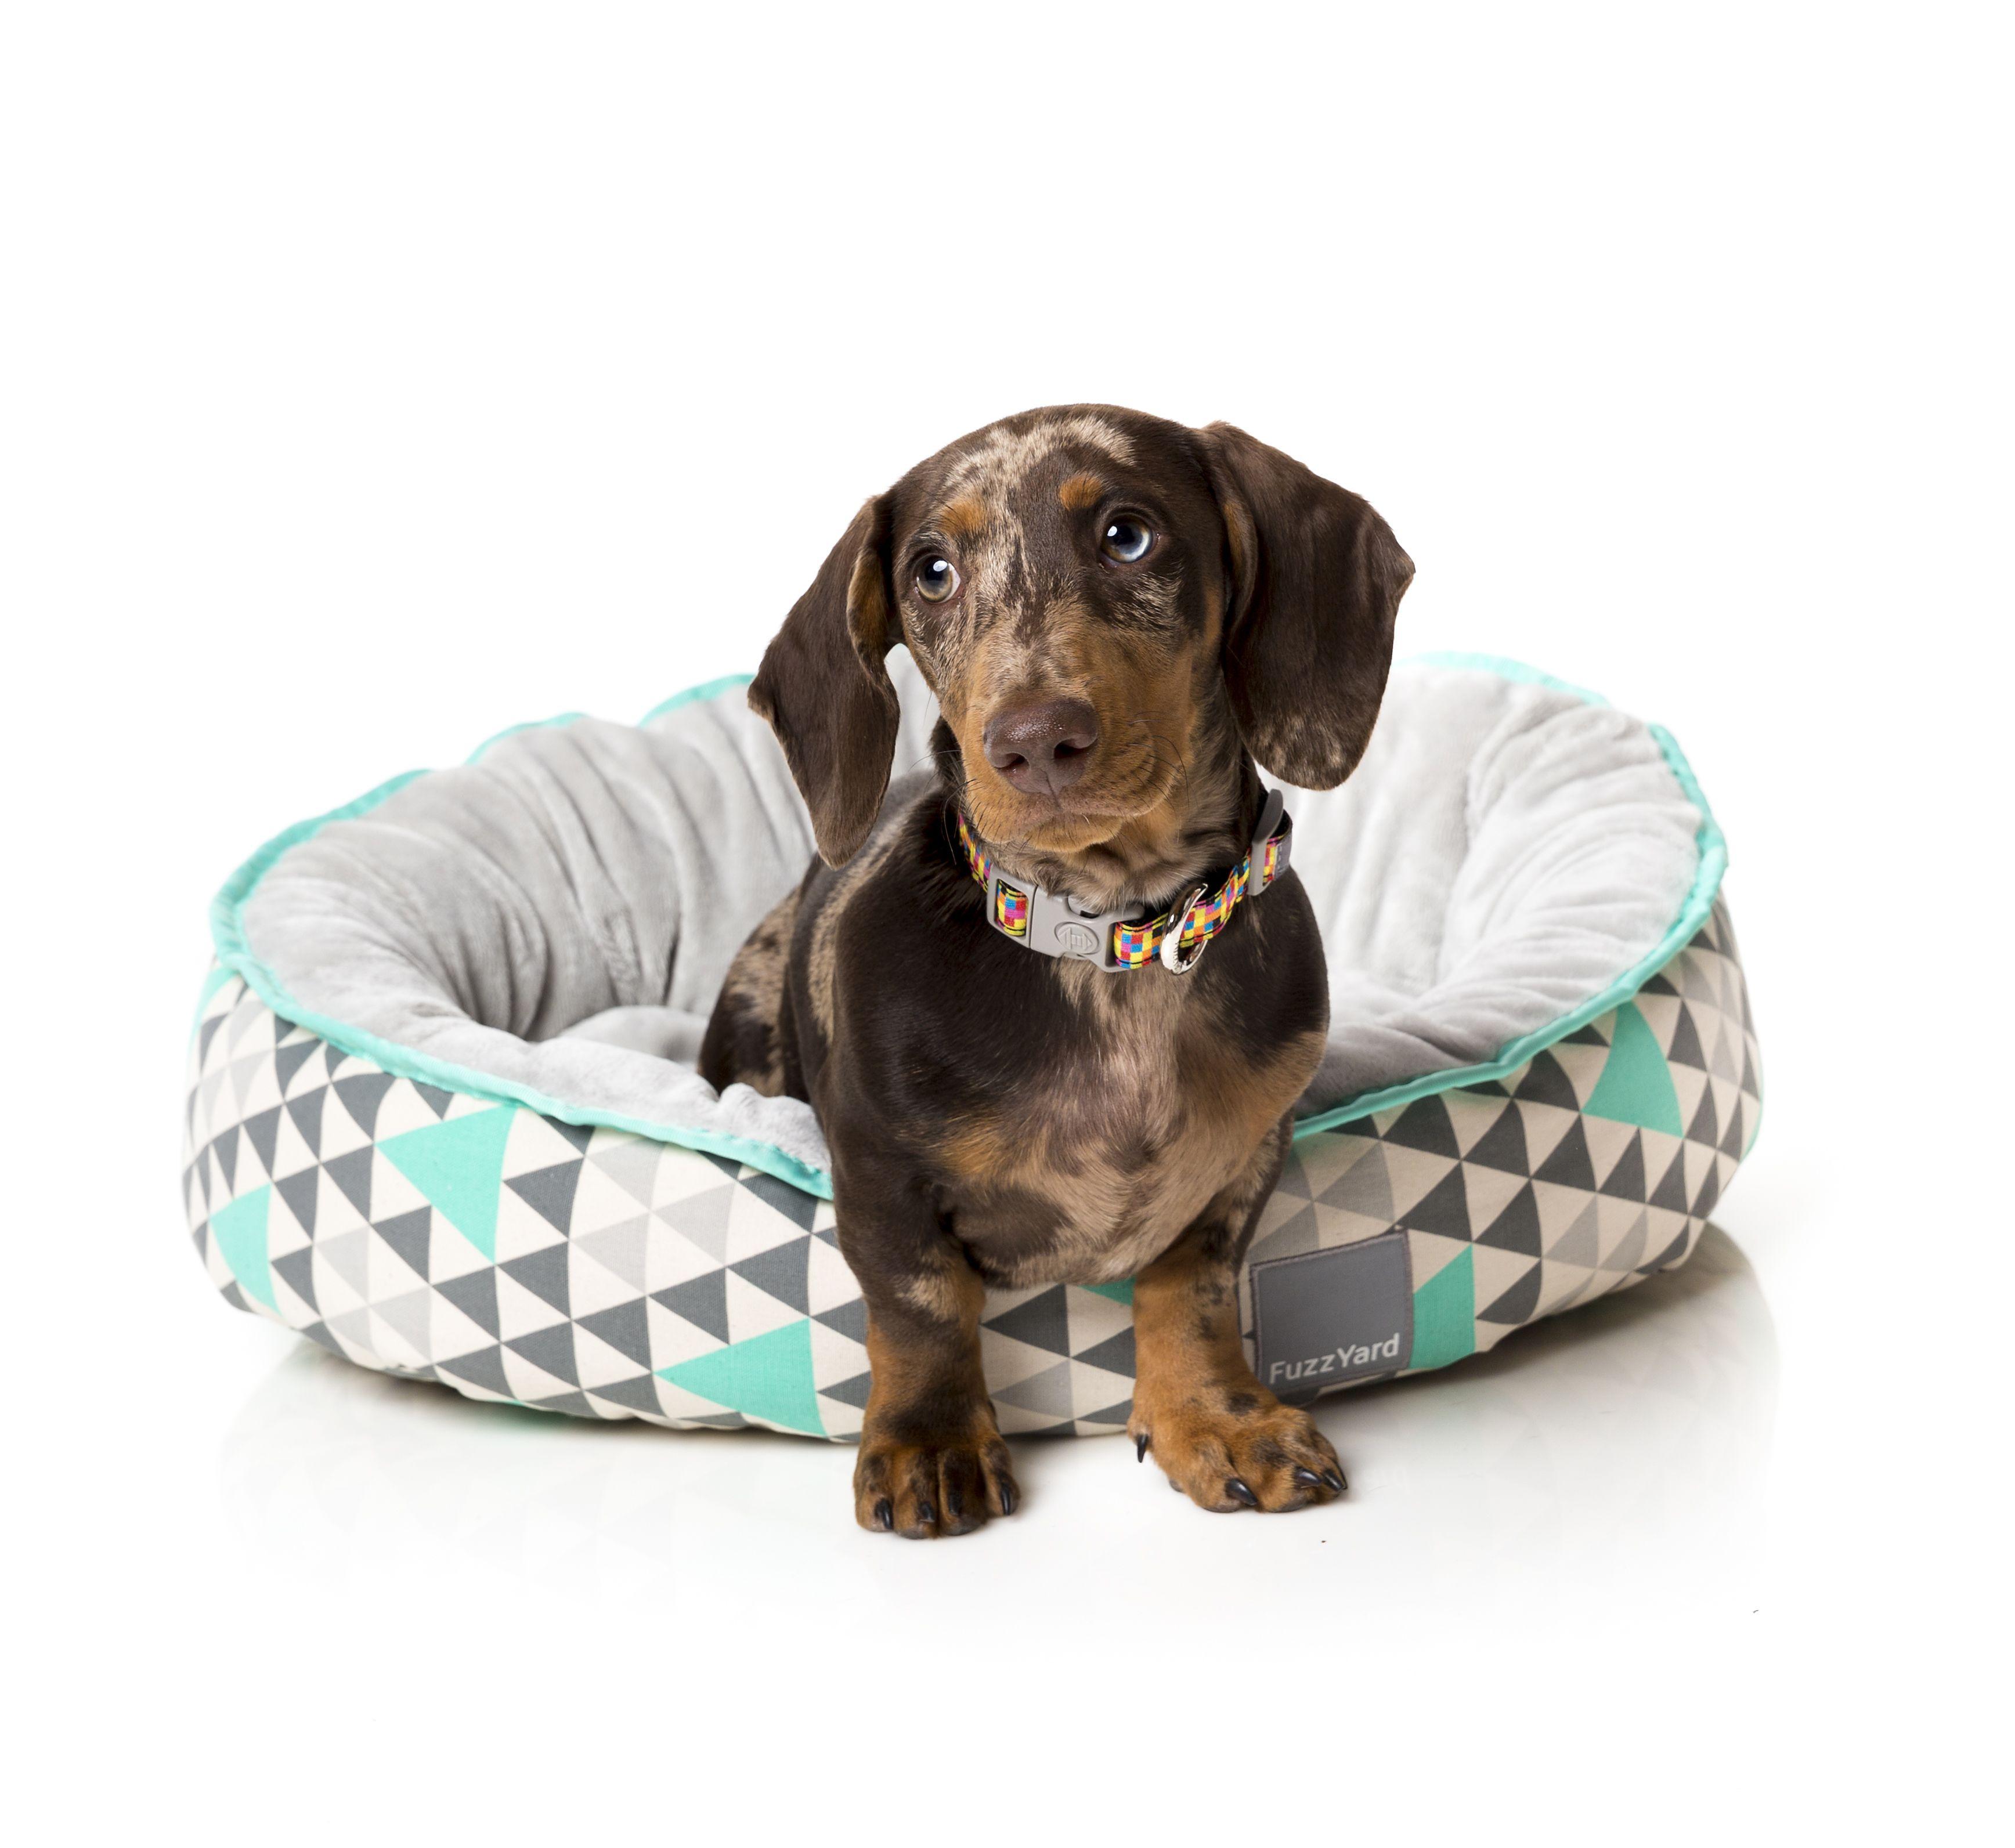 FuzzYard Fresh Mint Dog Bed fuzzyard dogbed dog